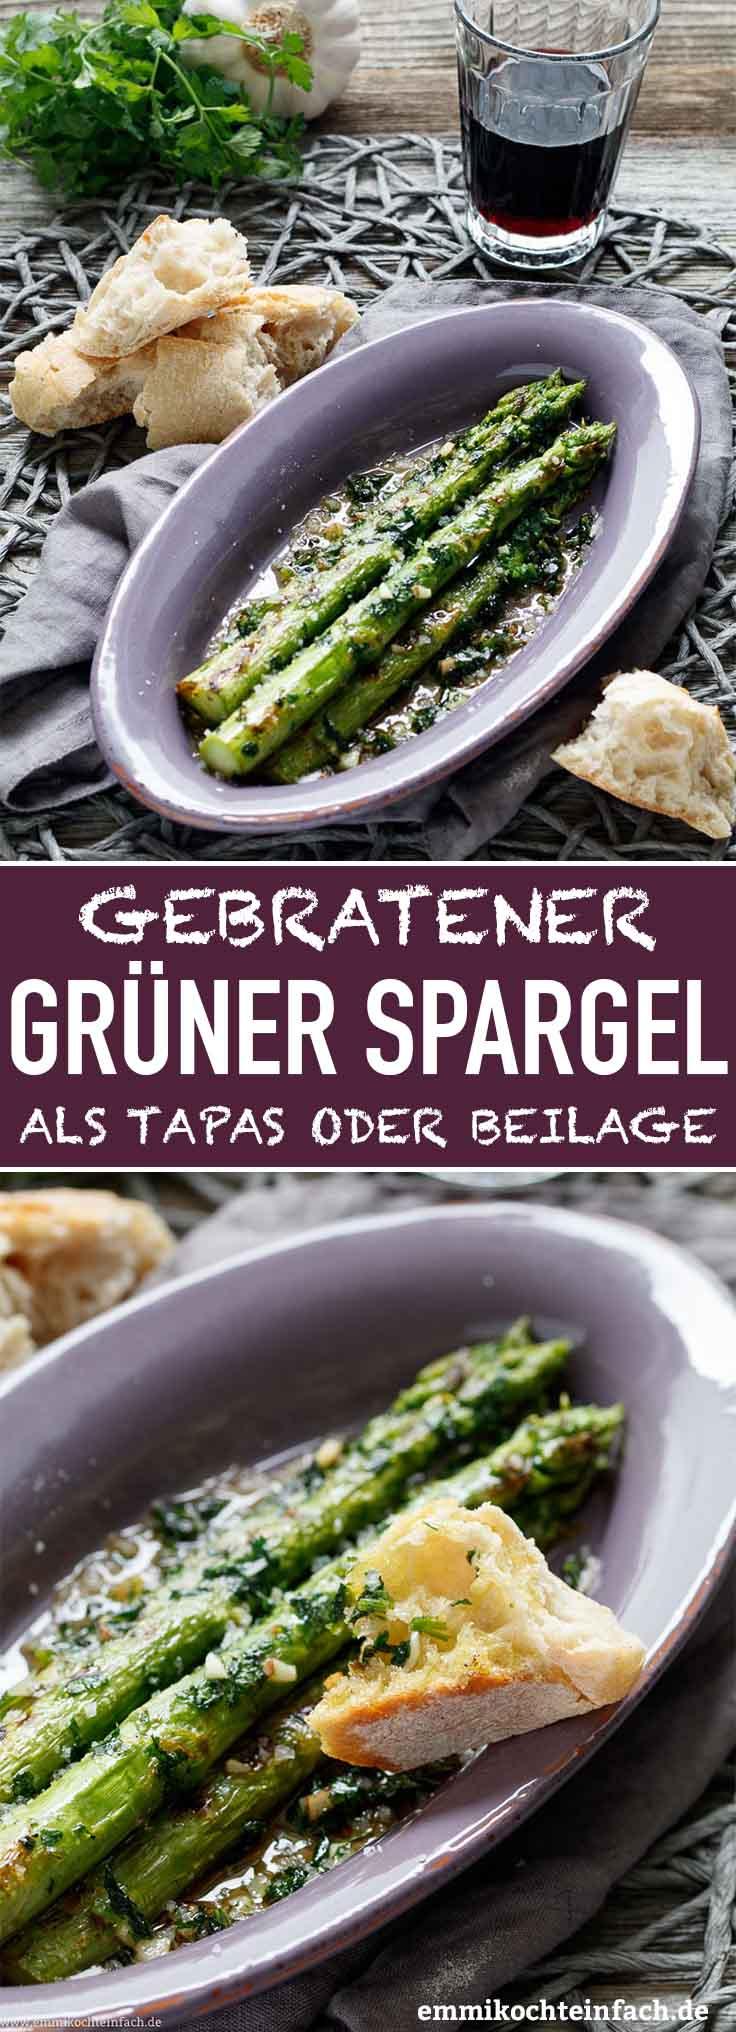 Gebratener grüner Tapas Spargel - www.emmikochteinfach.de